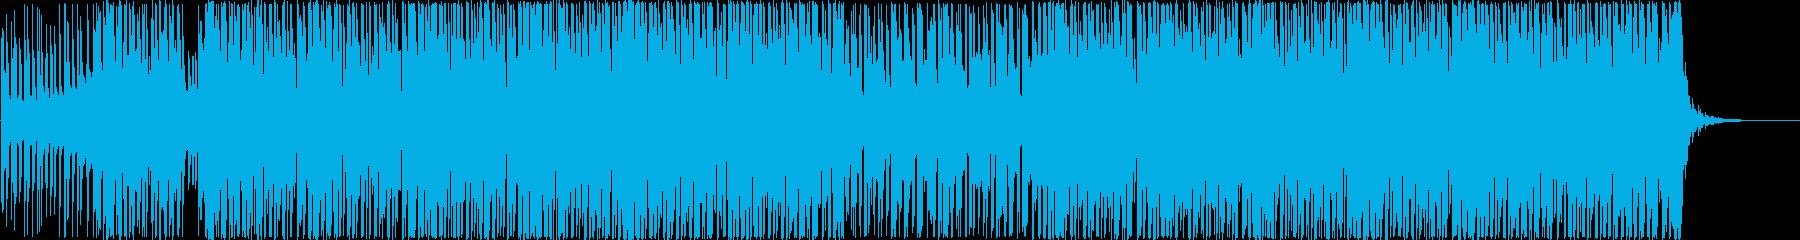 ウキウキ楽しくテンションが上がる明るい曲の再生済みの波形